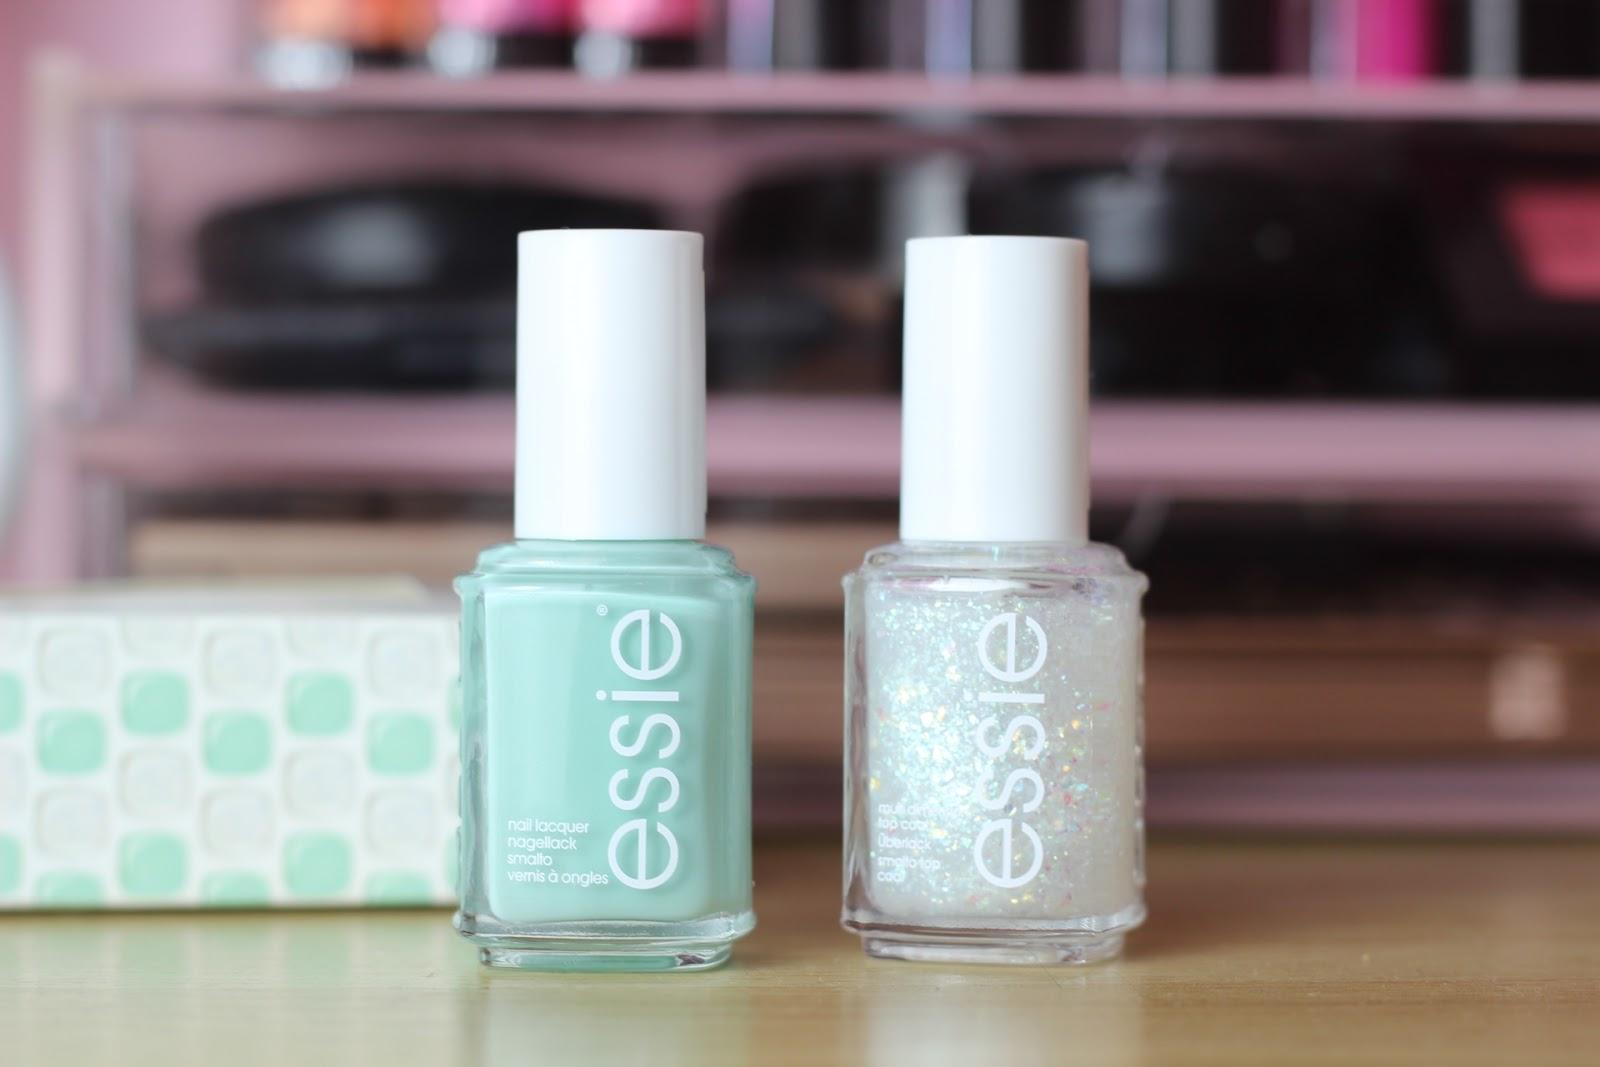 mint green polish, glitter nail polish